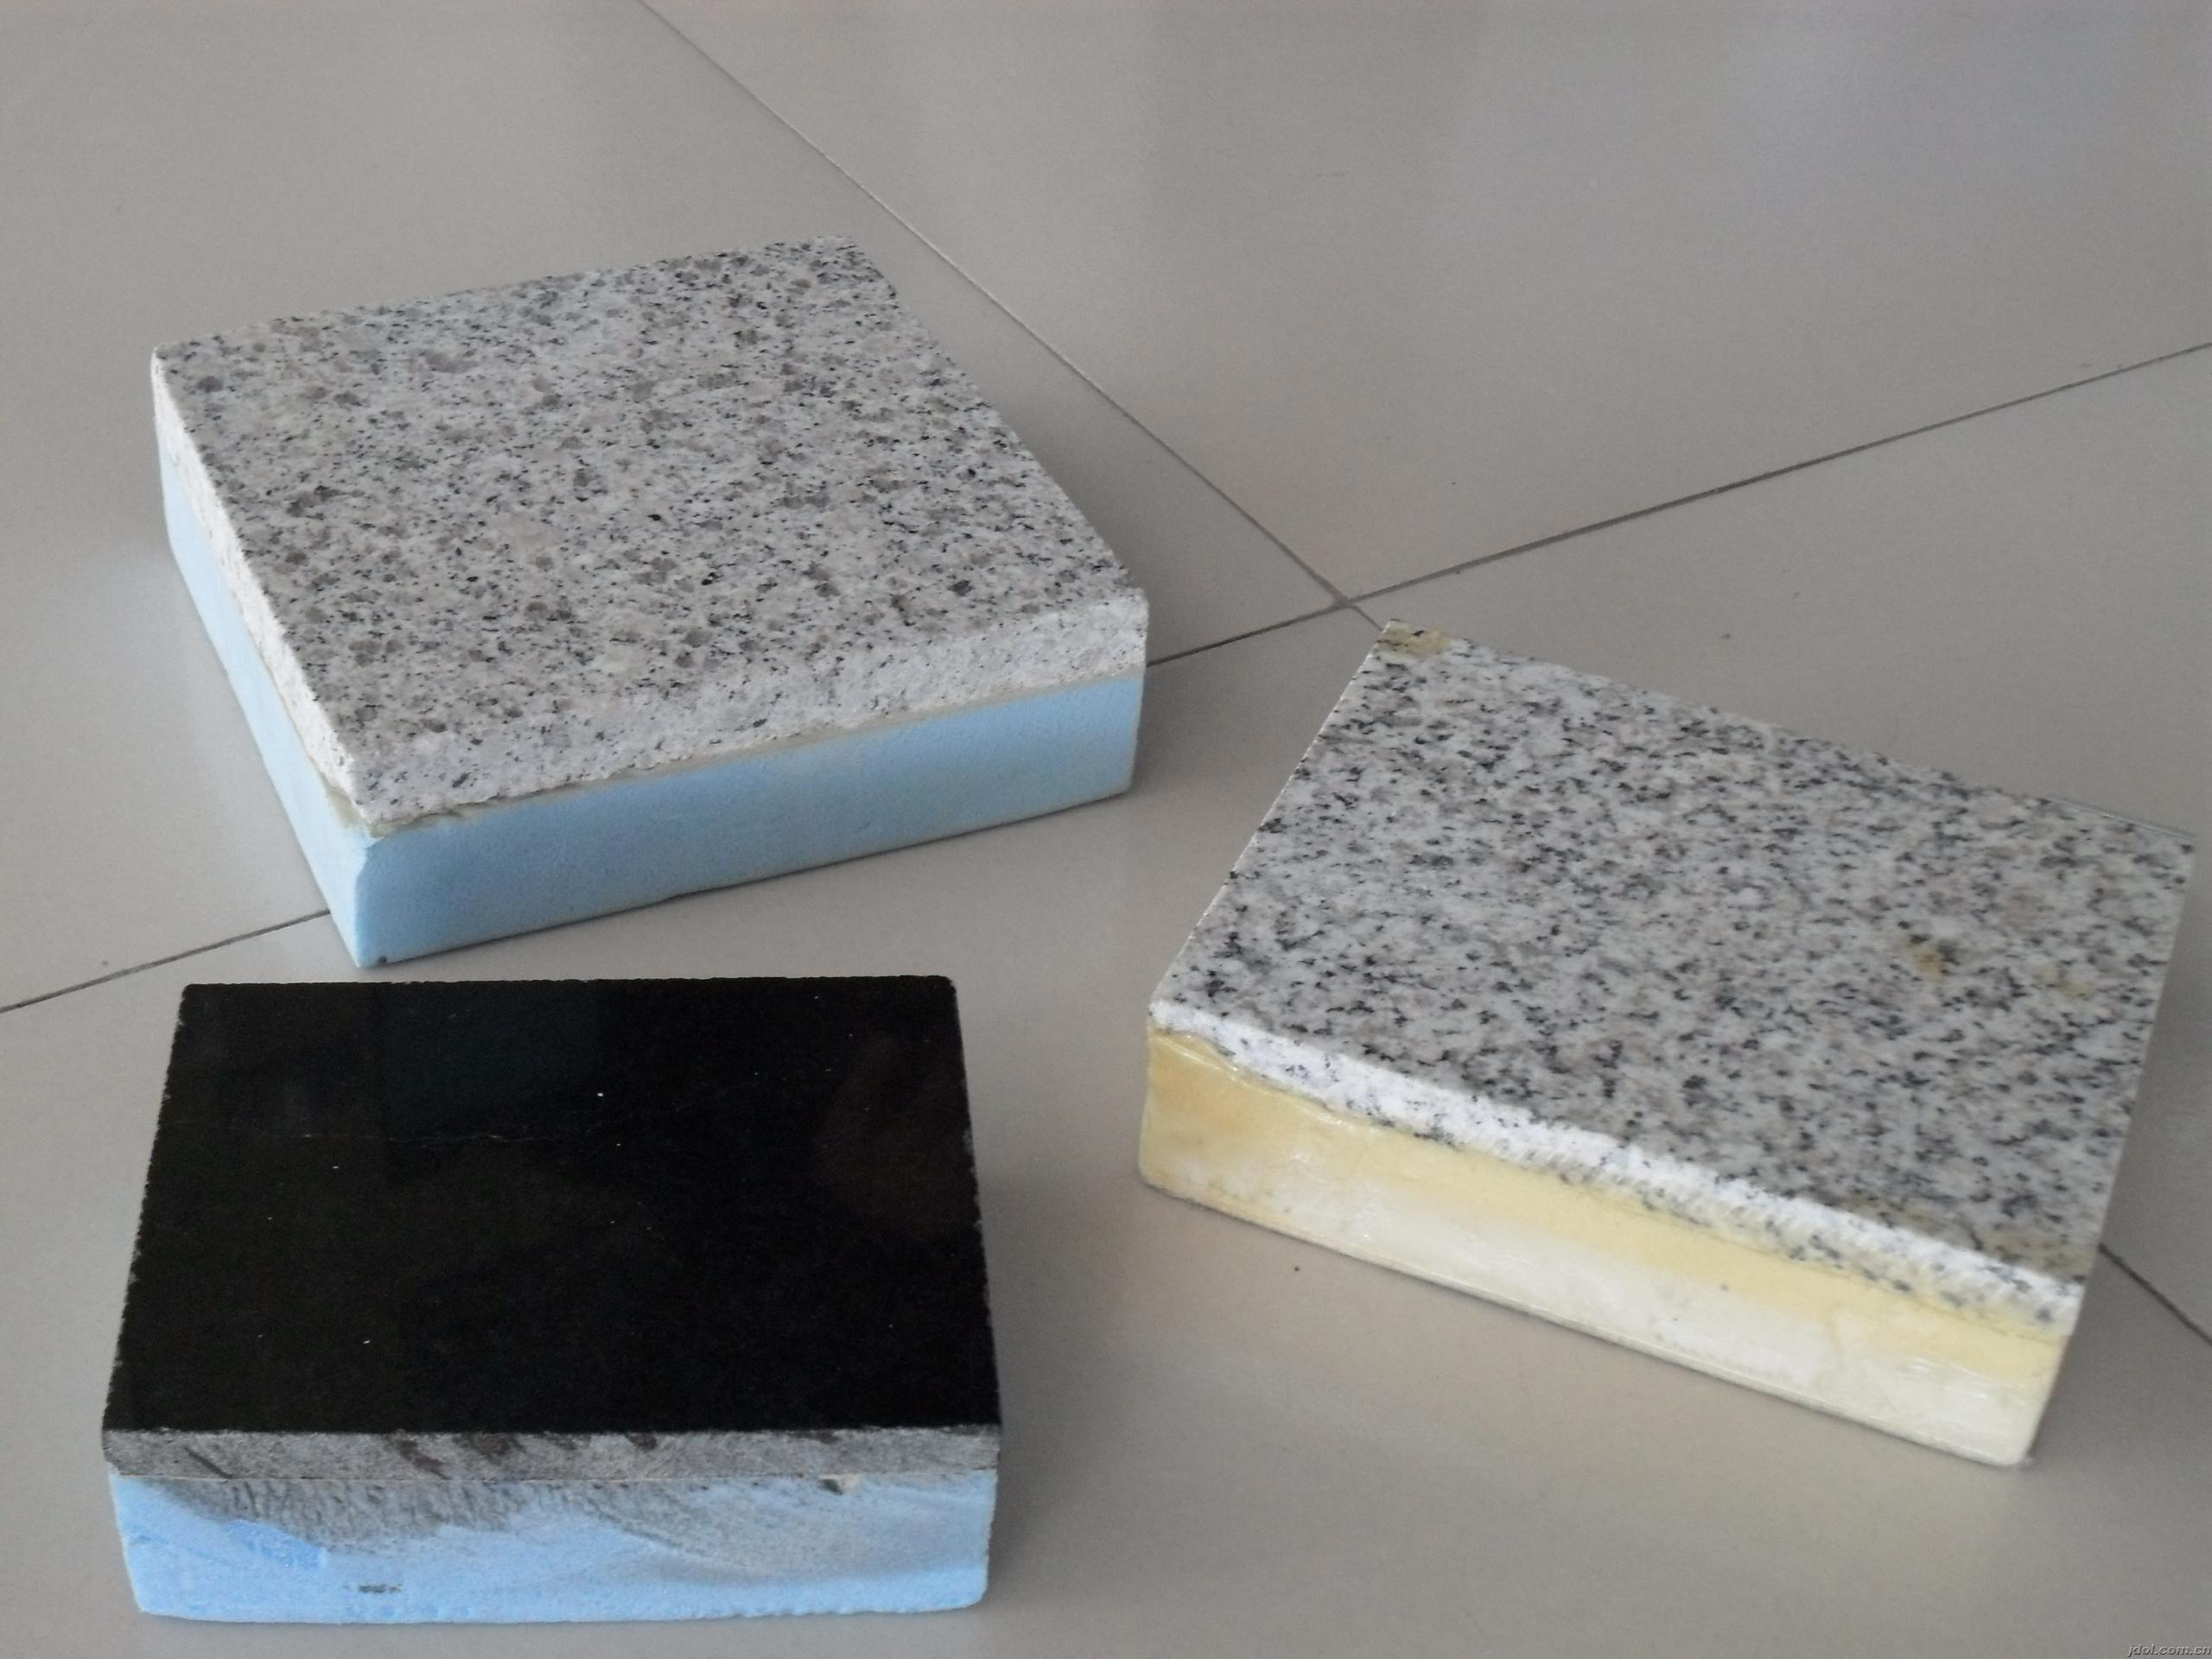 供应外墙保温装饰一体化板 外墙保温装饰一体化板哪家好 外墙保温装饰一体化板批发价